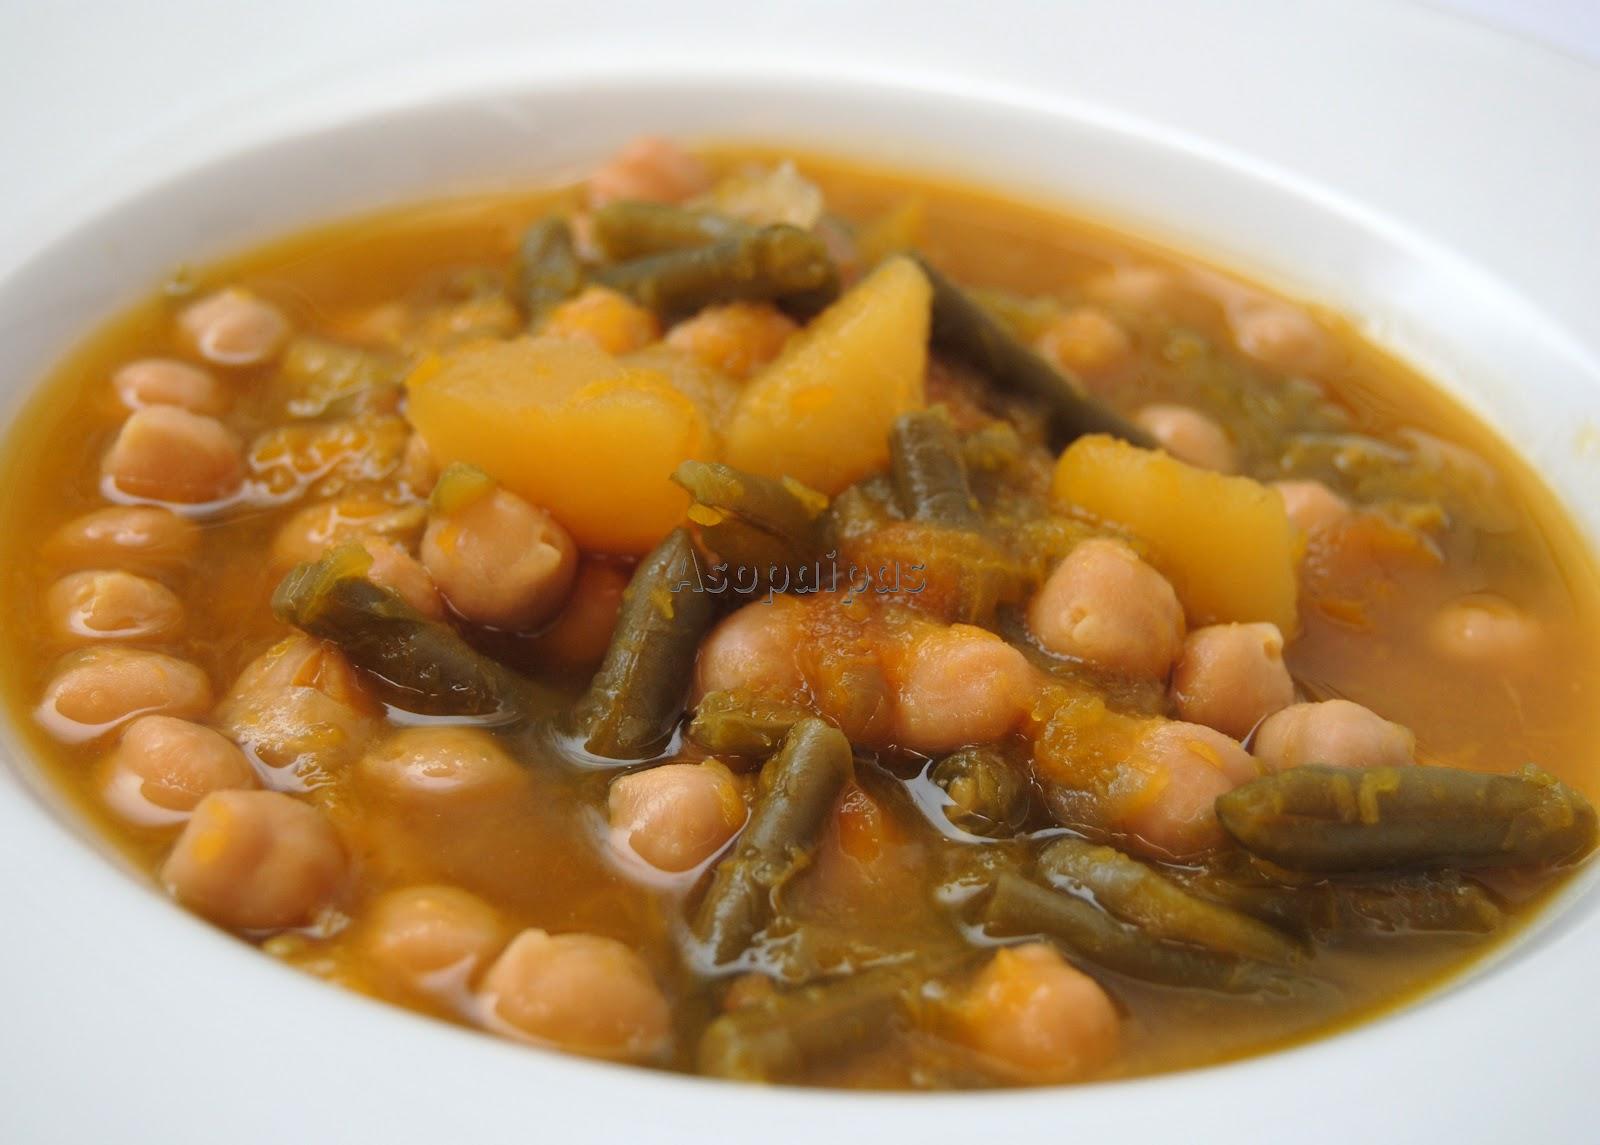 Potaje de calabaza receta asopaipas recetas de cocina for Recetas cocina casera